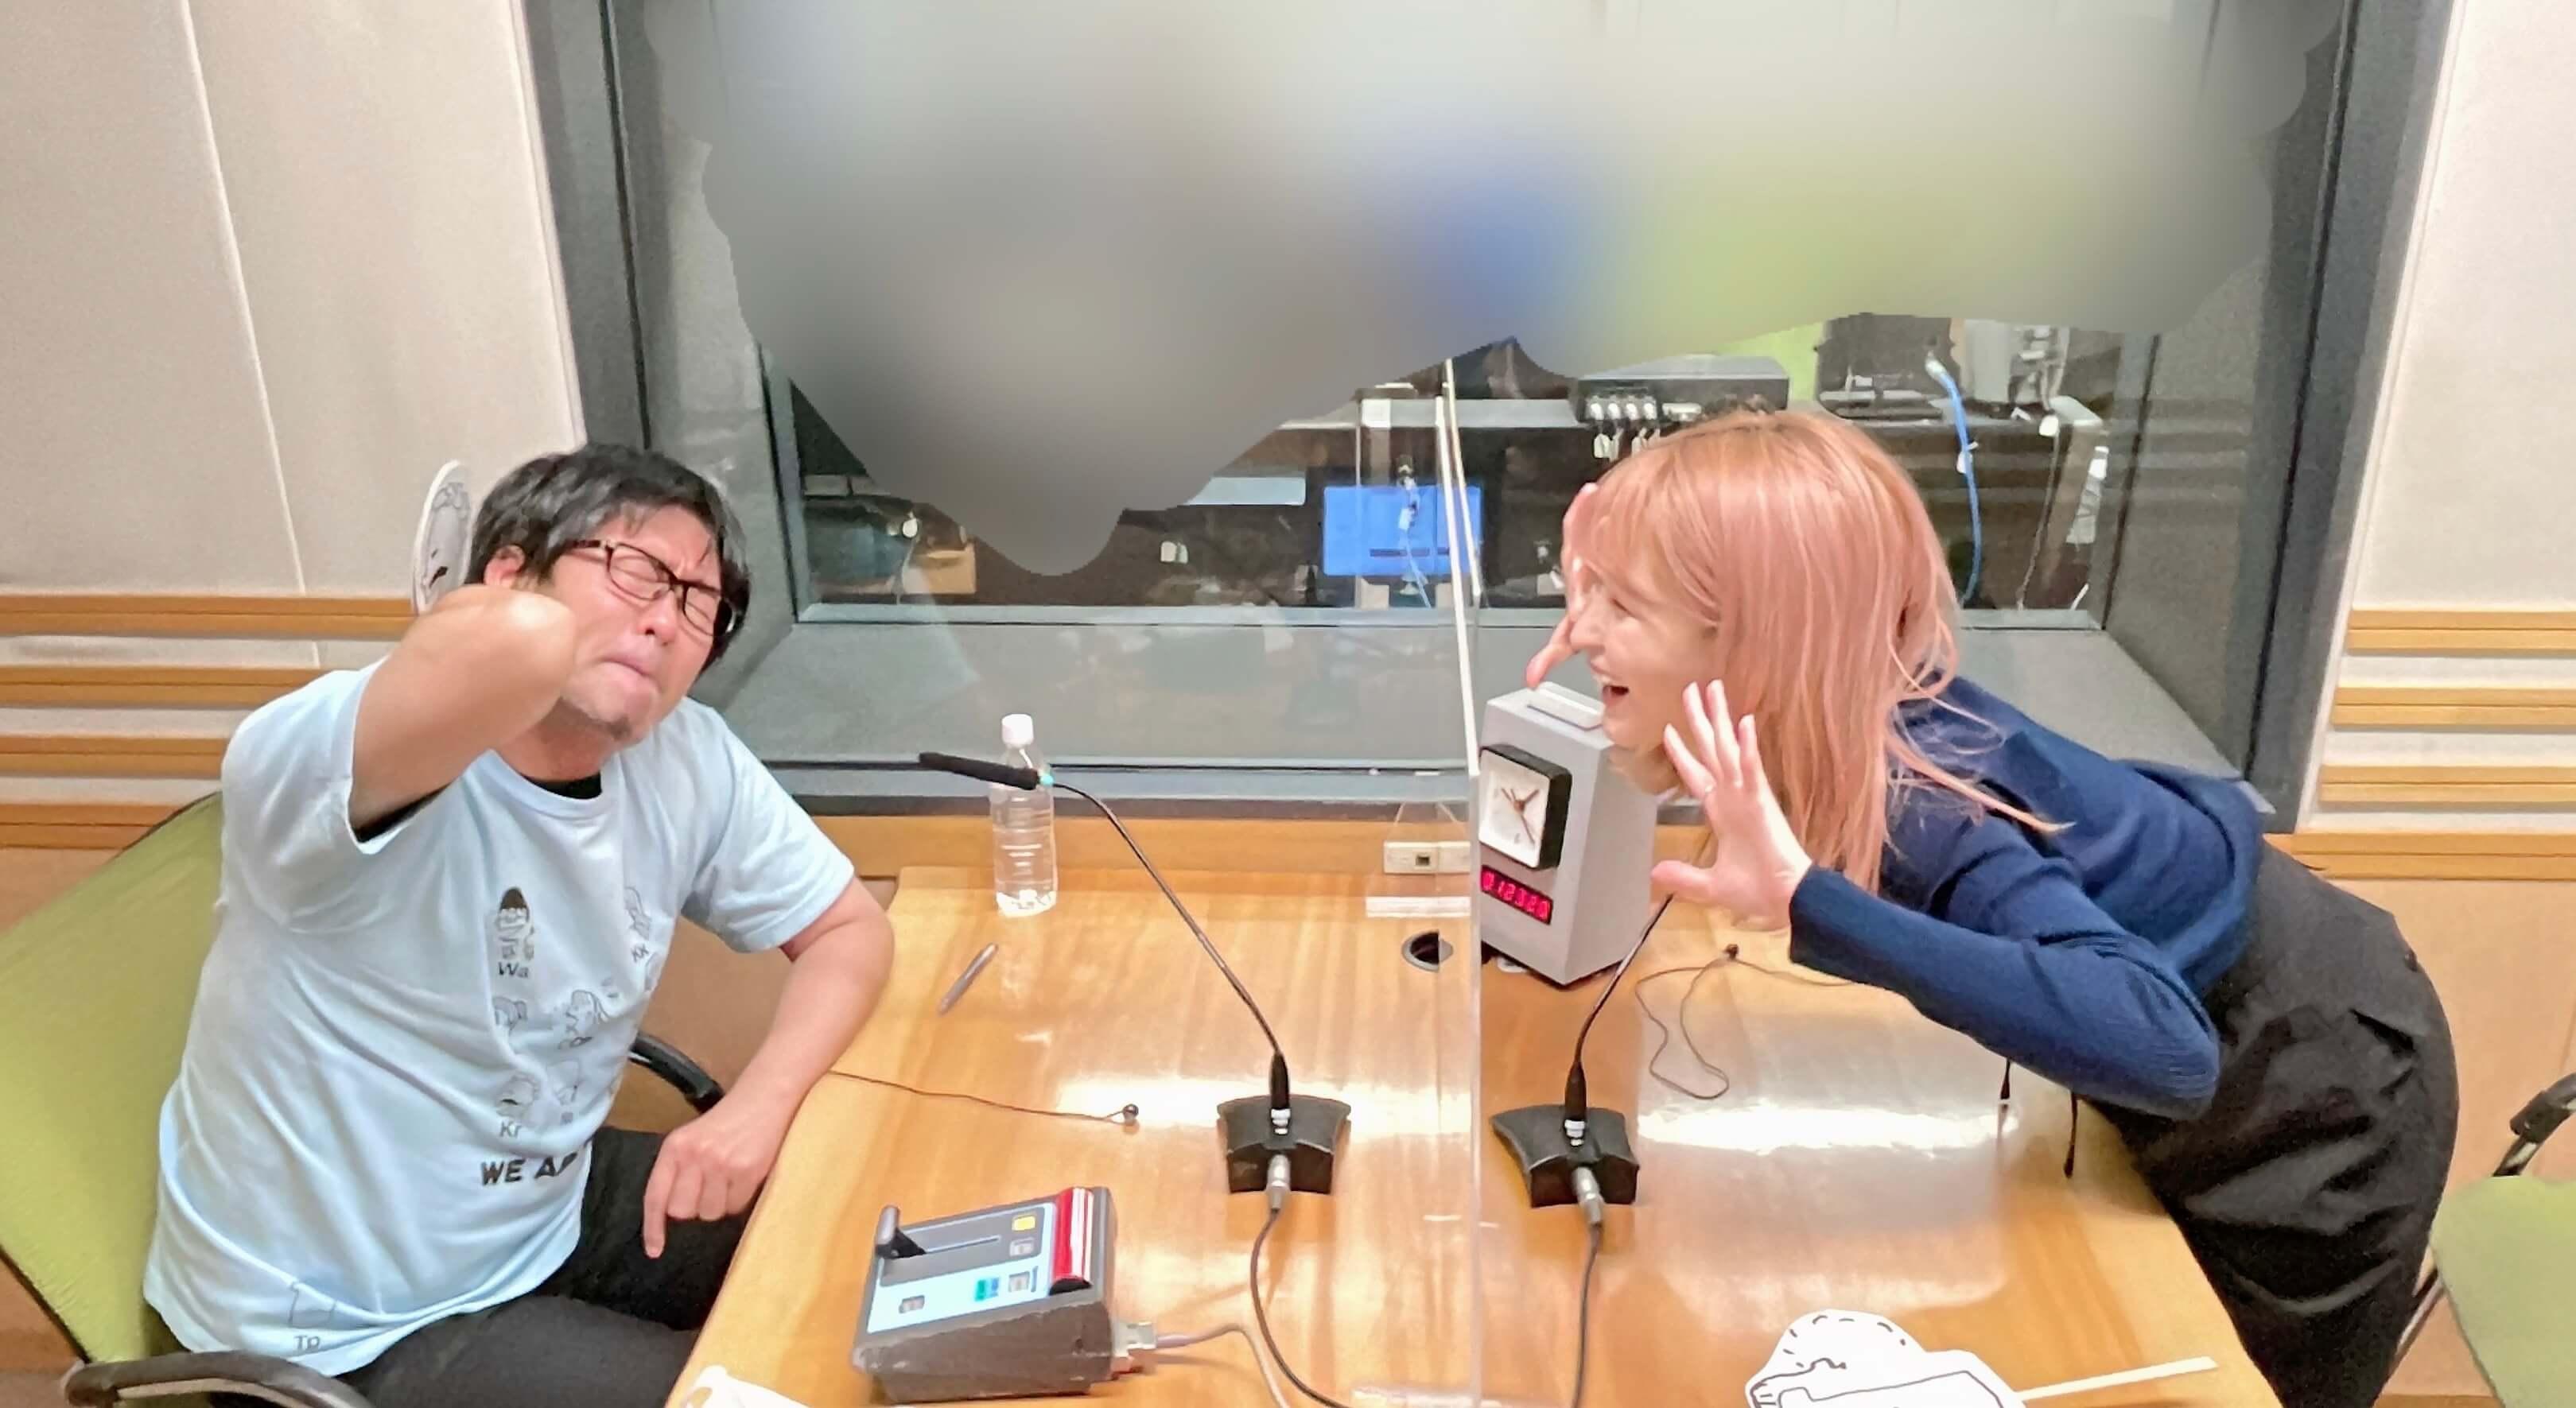 鷲崎健のヨルナイト×ヨルナイト火曜日! #1150レポート